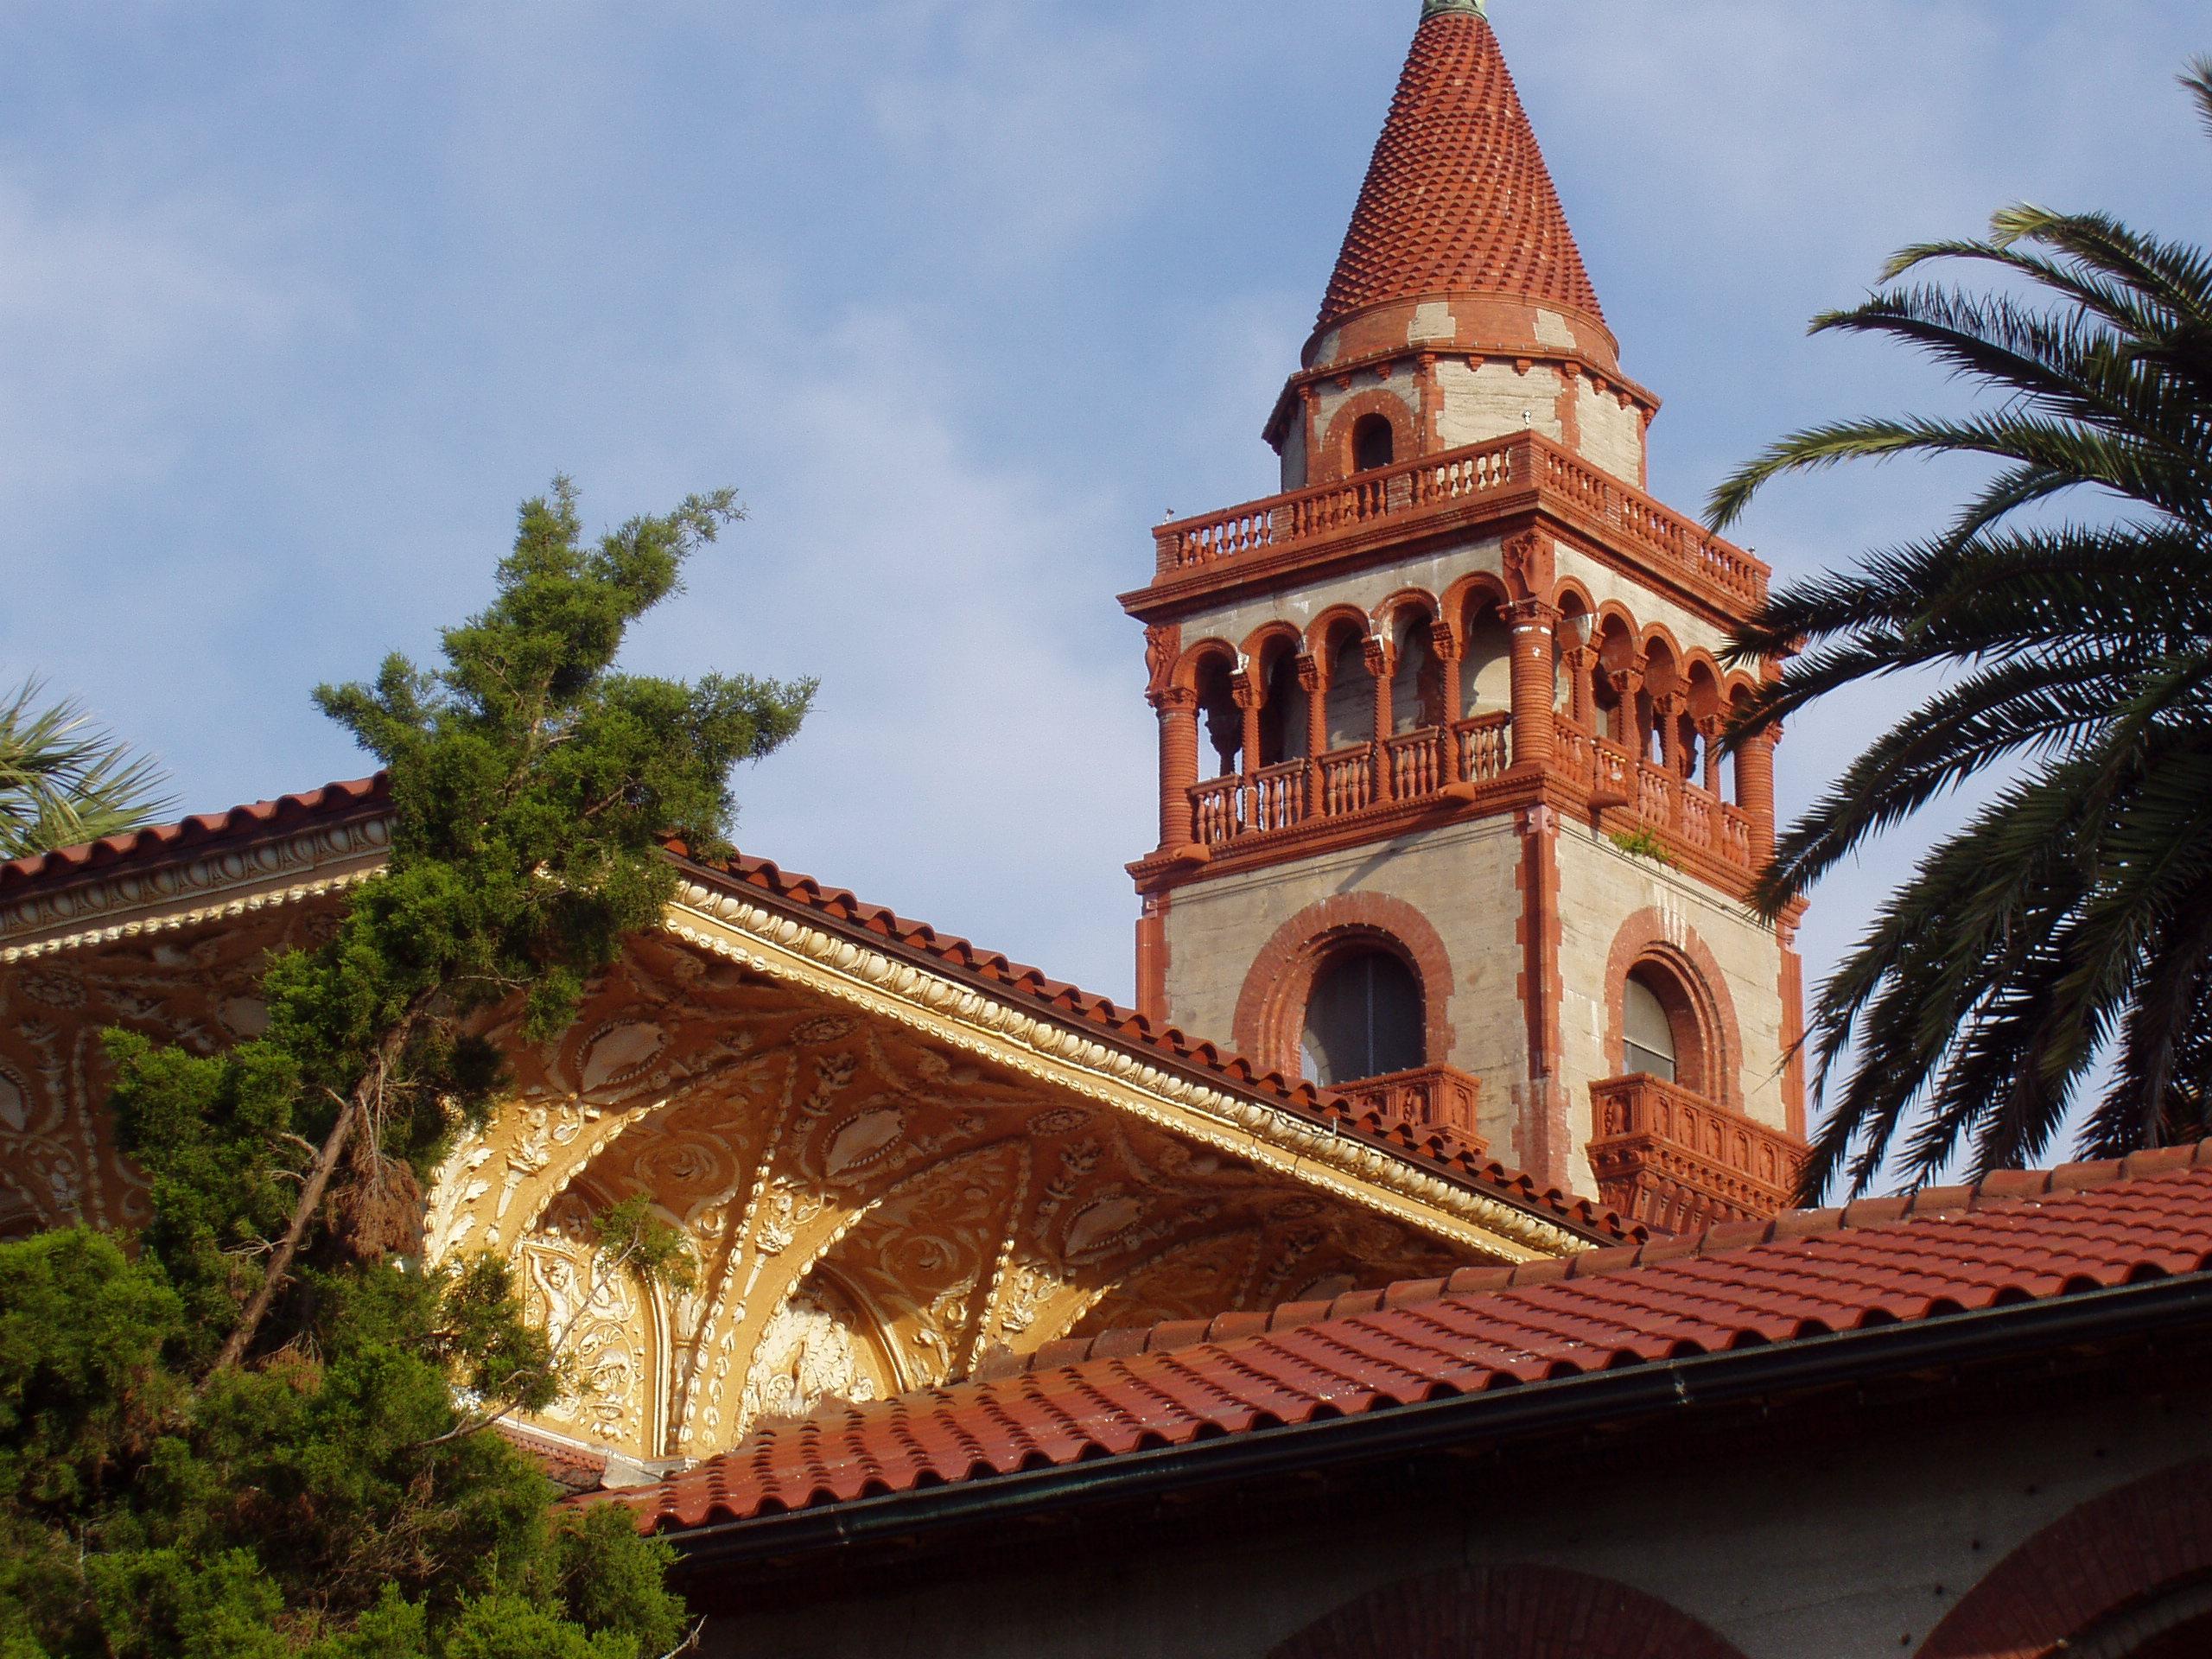 Leon Hotel De San Marcos